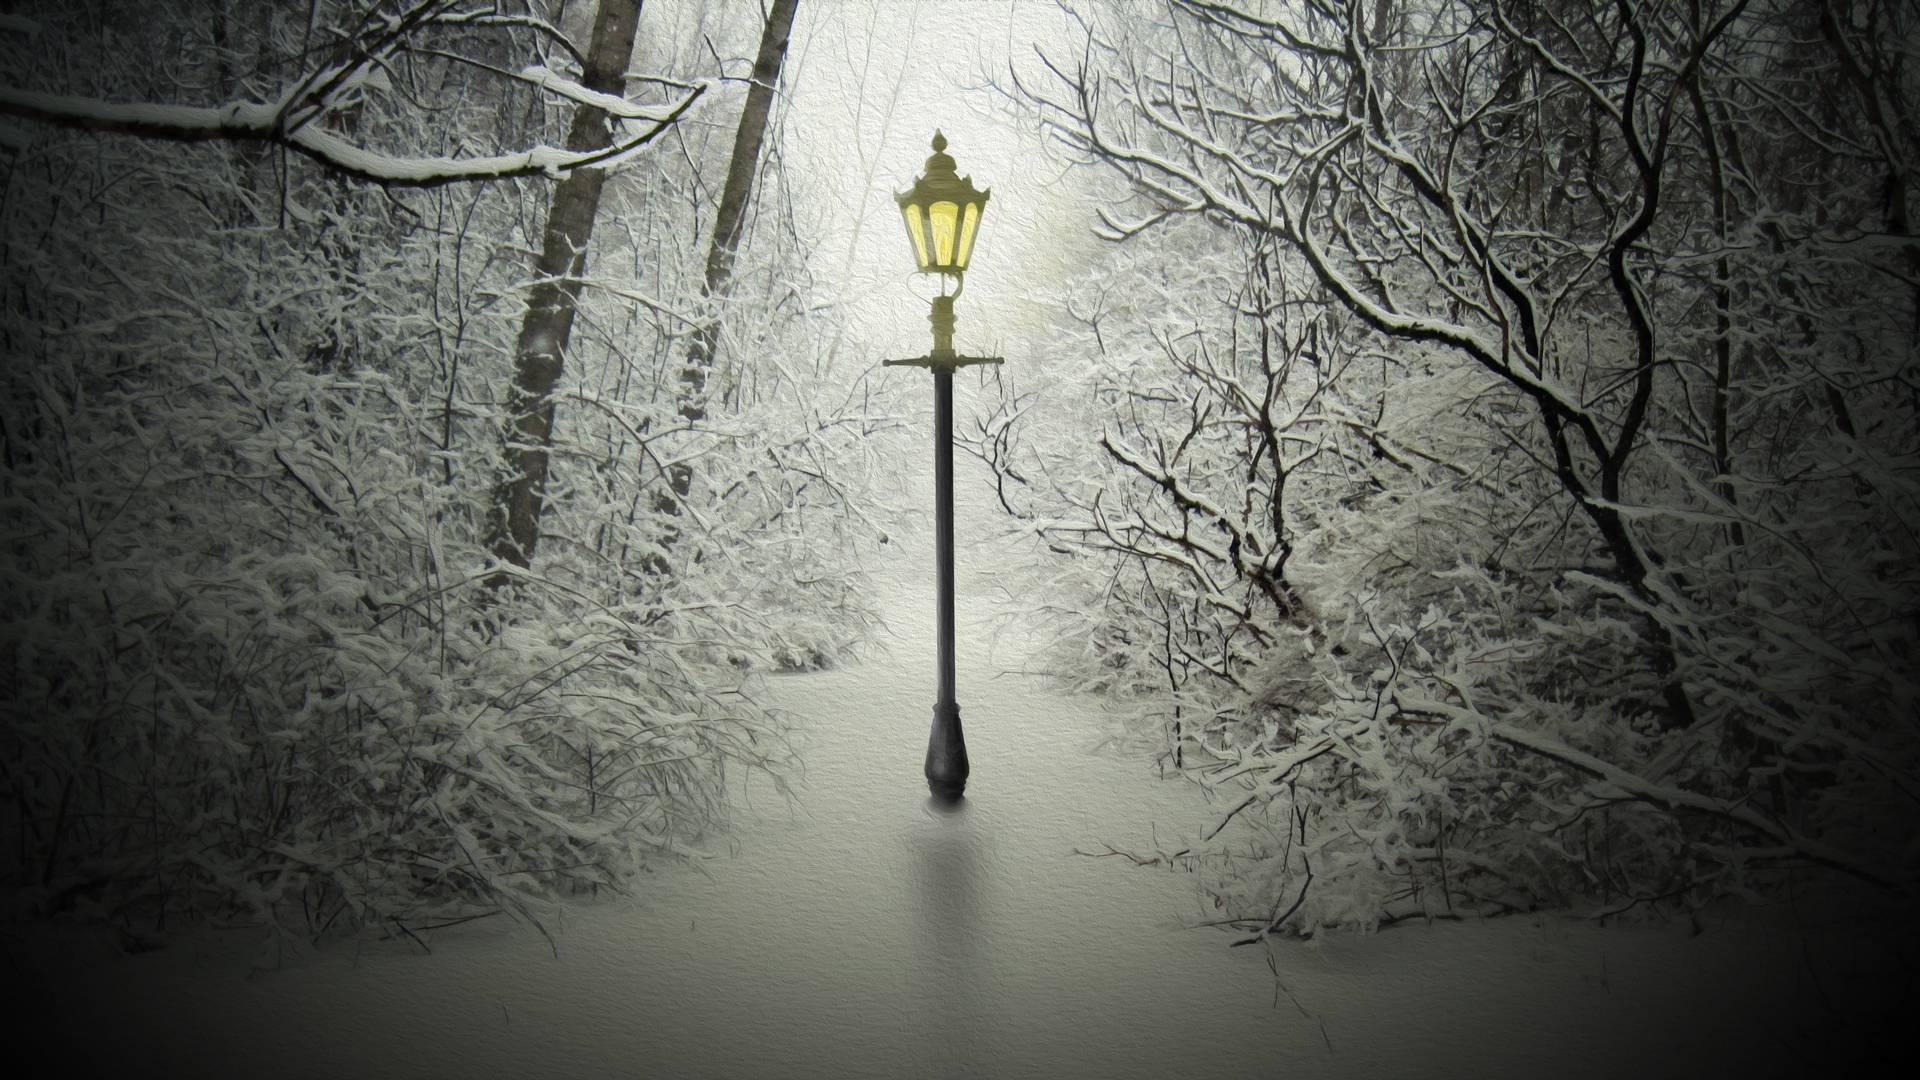 narnia lamp post wallpaper 59587